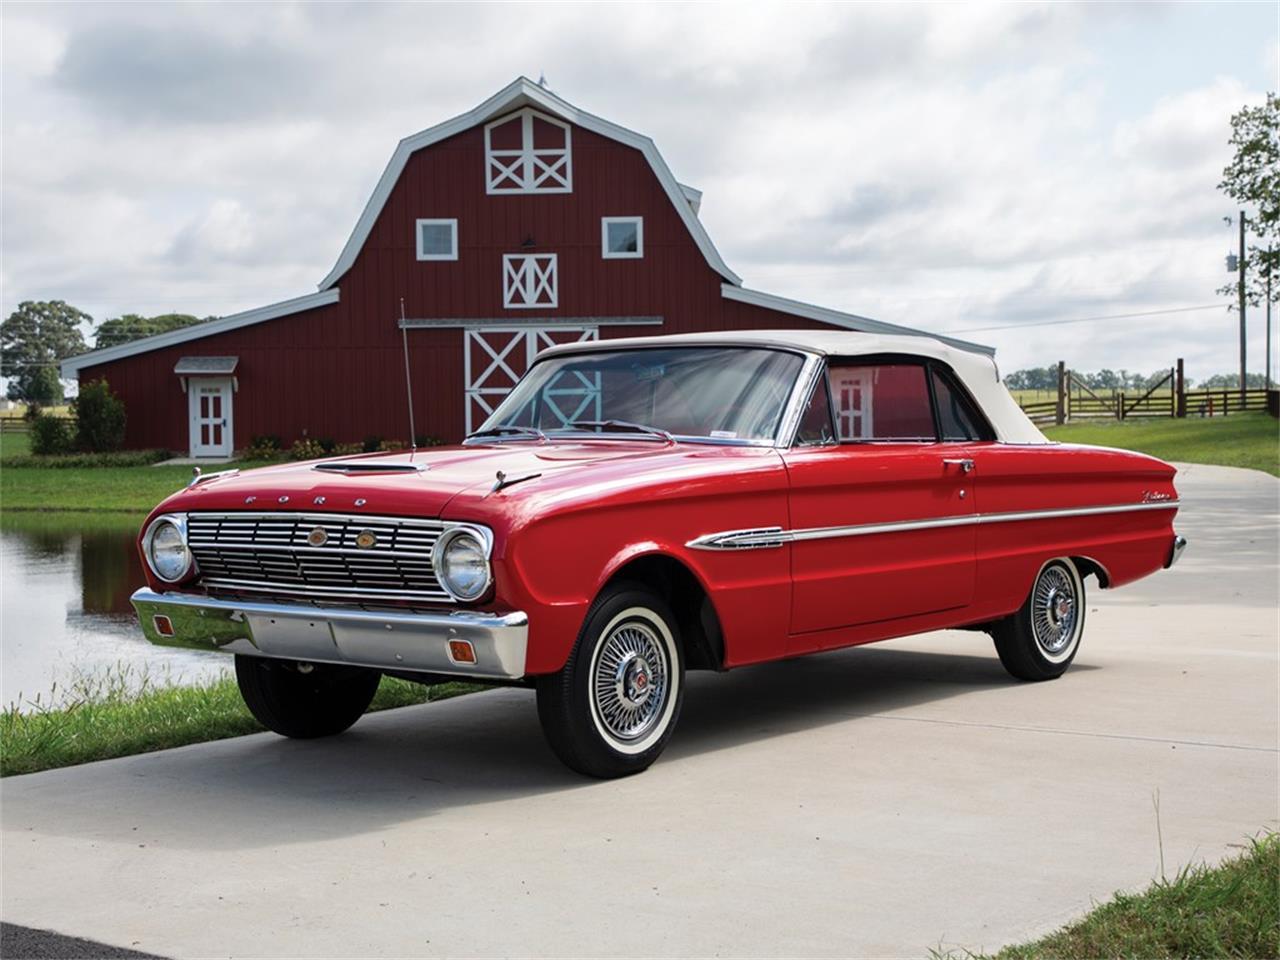 1963 Ford Falcon Futura (CC-1264739) for sale in Hershey, Pennsylvania